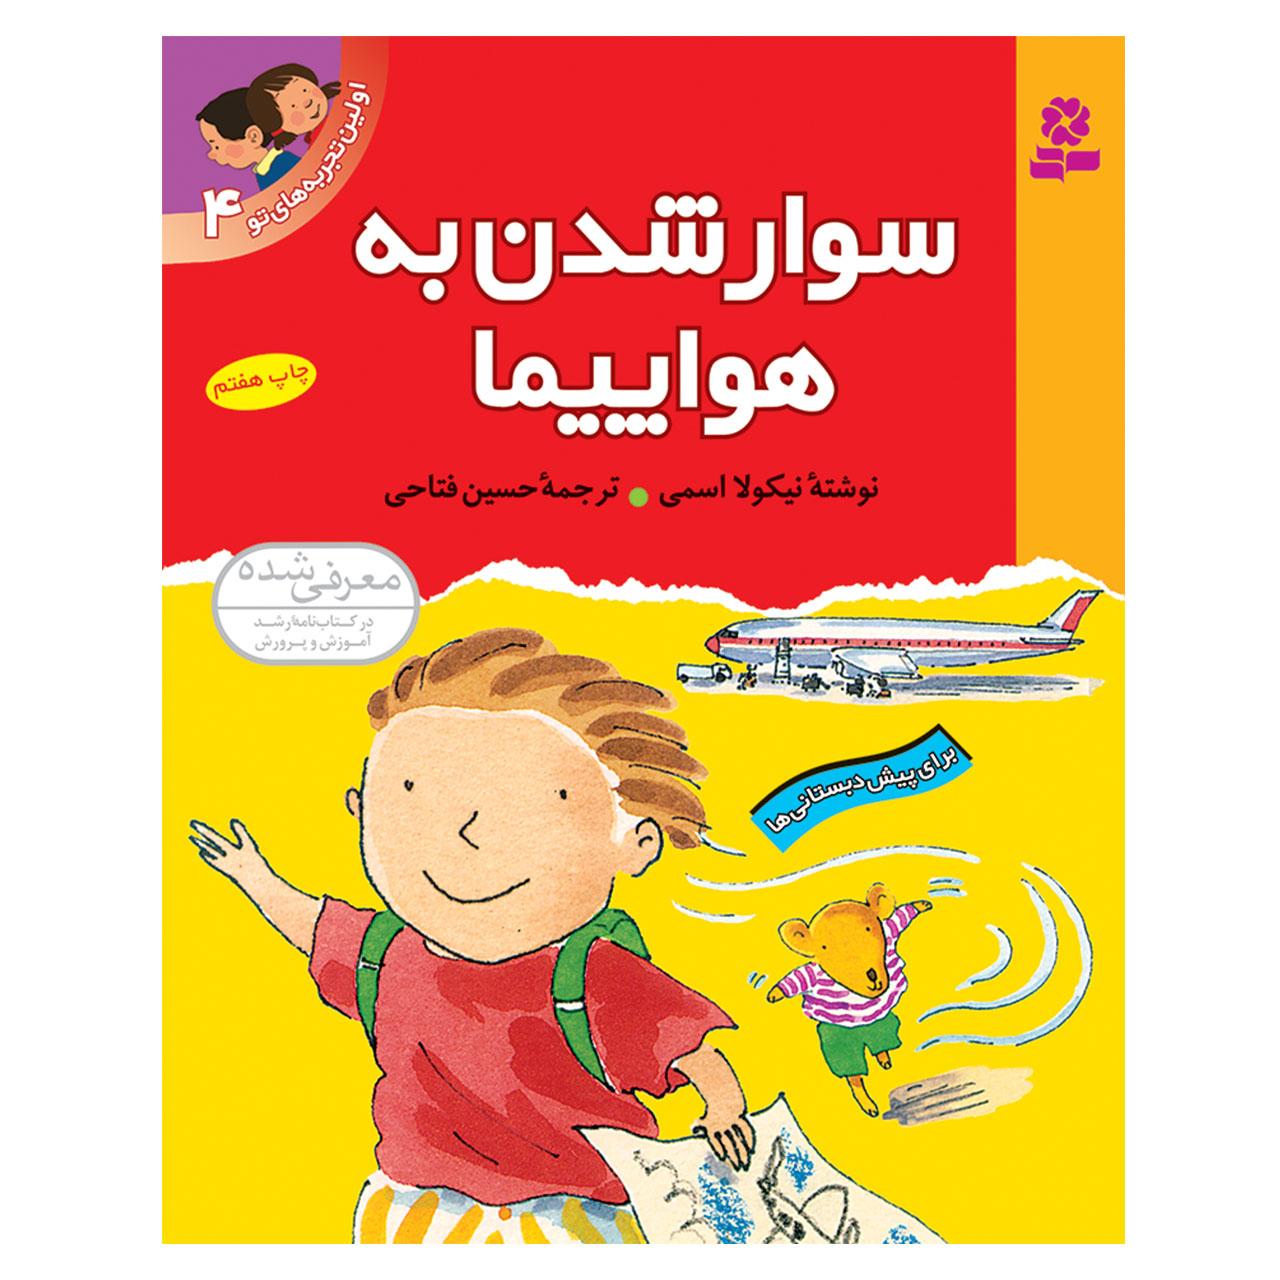 خرید                      کتاب اولین تجربه های تو 4 سوار شدن به هواپیما اثر نیکولا اسمی انتشارات قدیانی